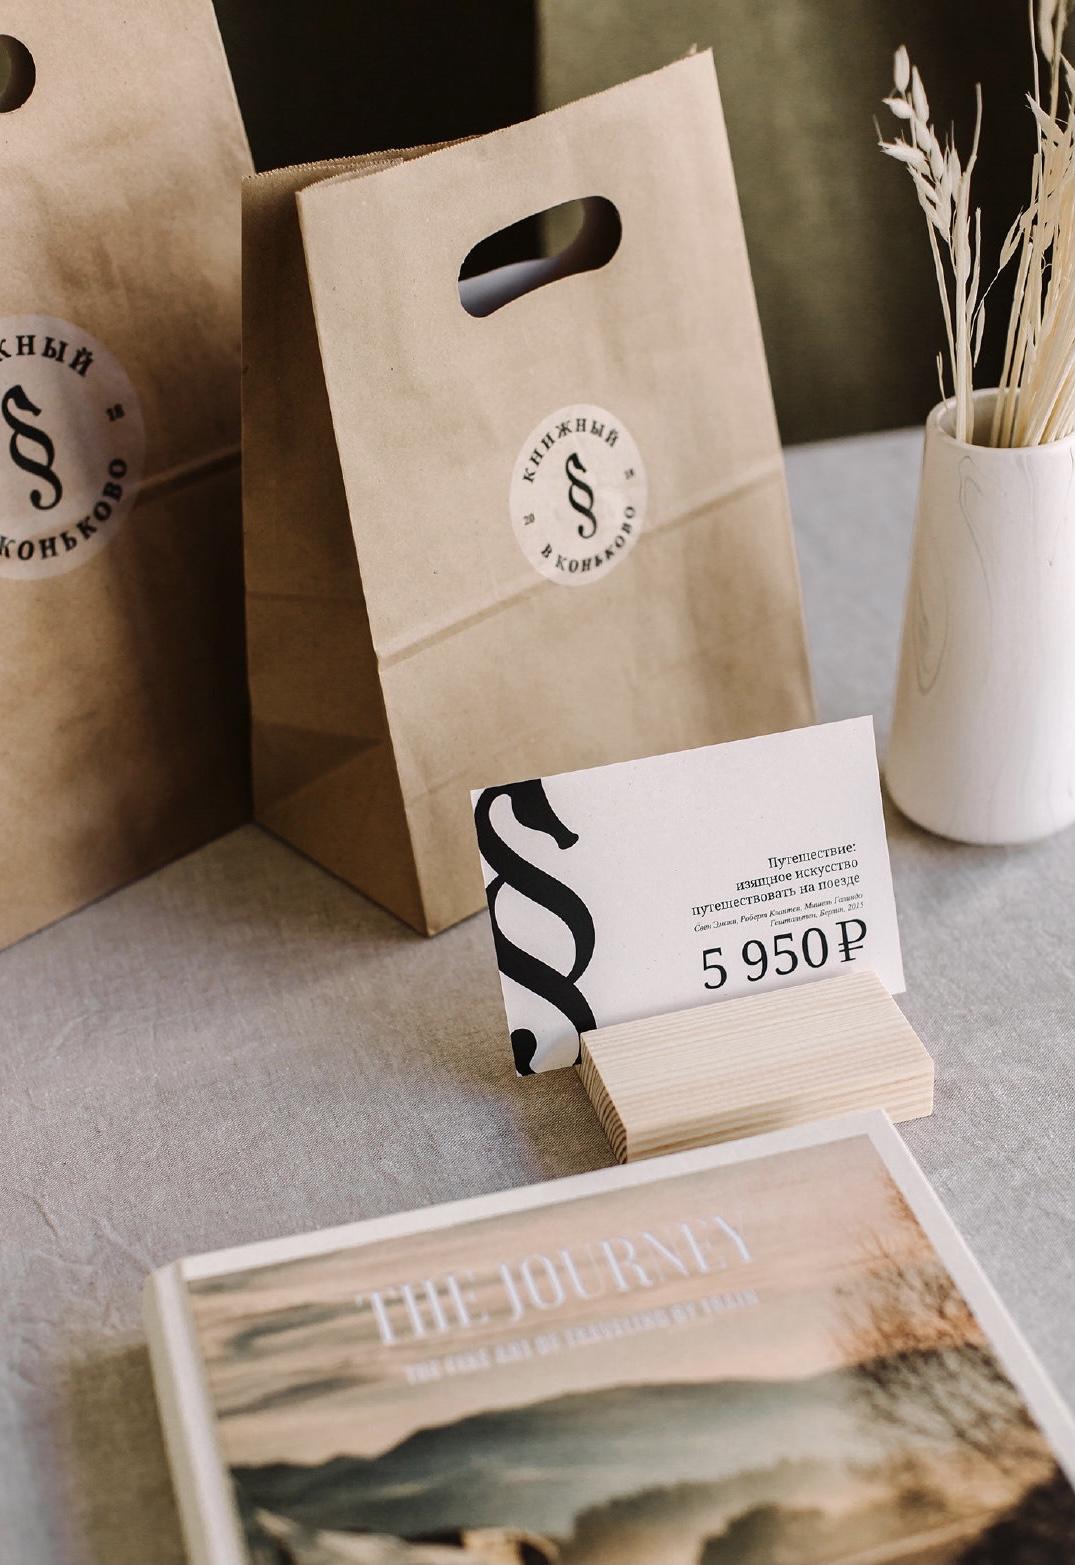 品牌VI设计·品牌符号的意义-上海野火创意